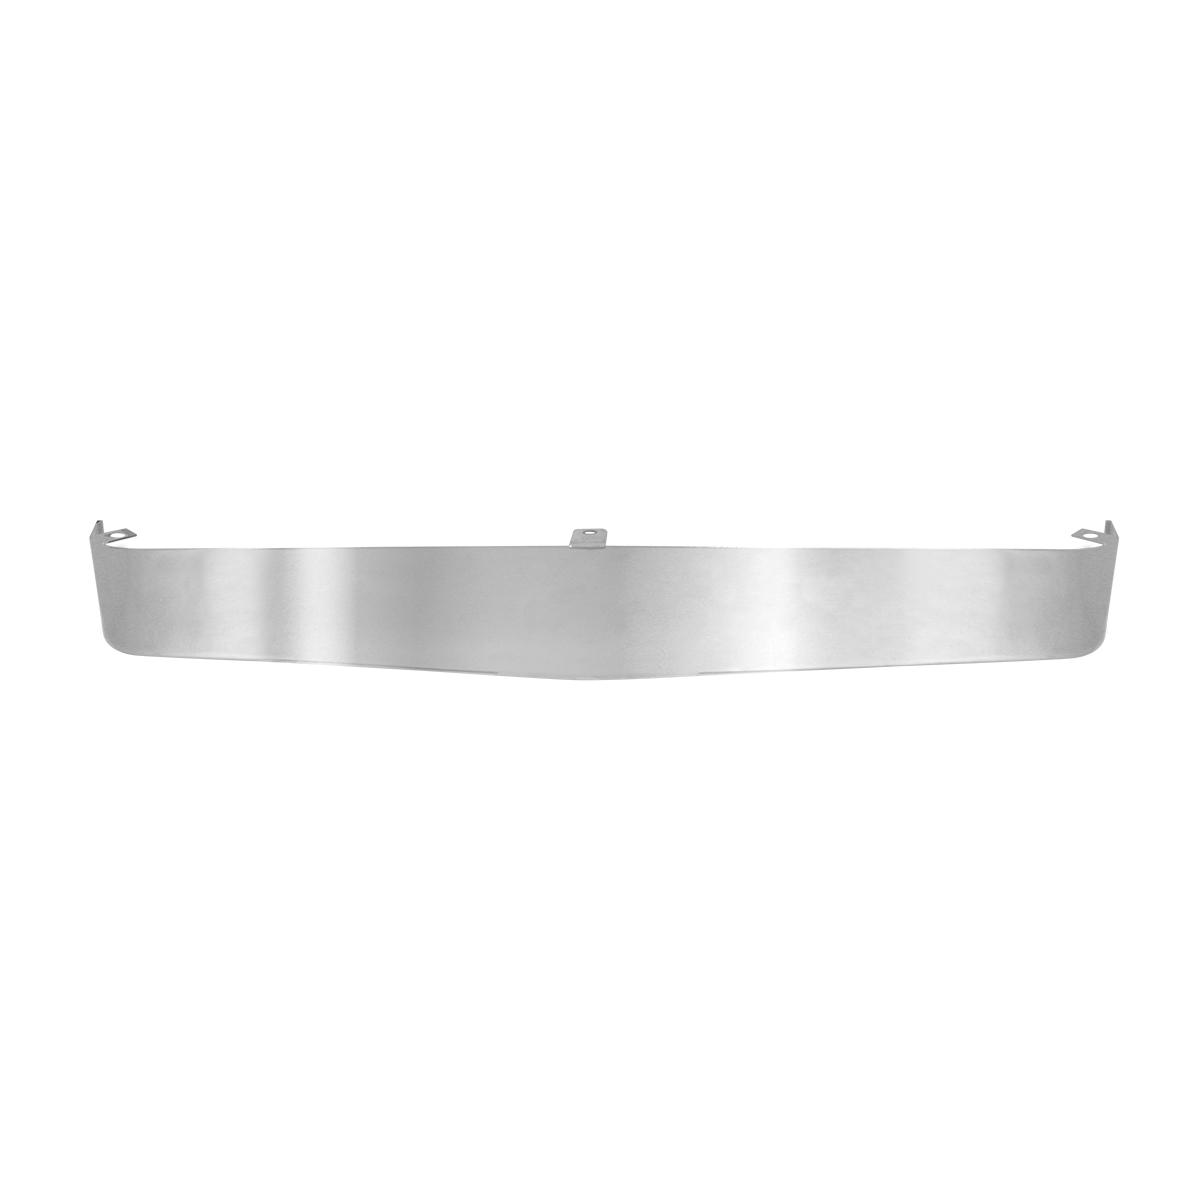 Headlight Visor for FL & KW